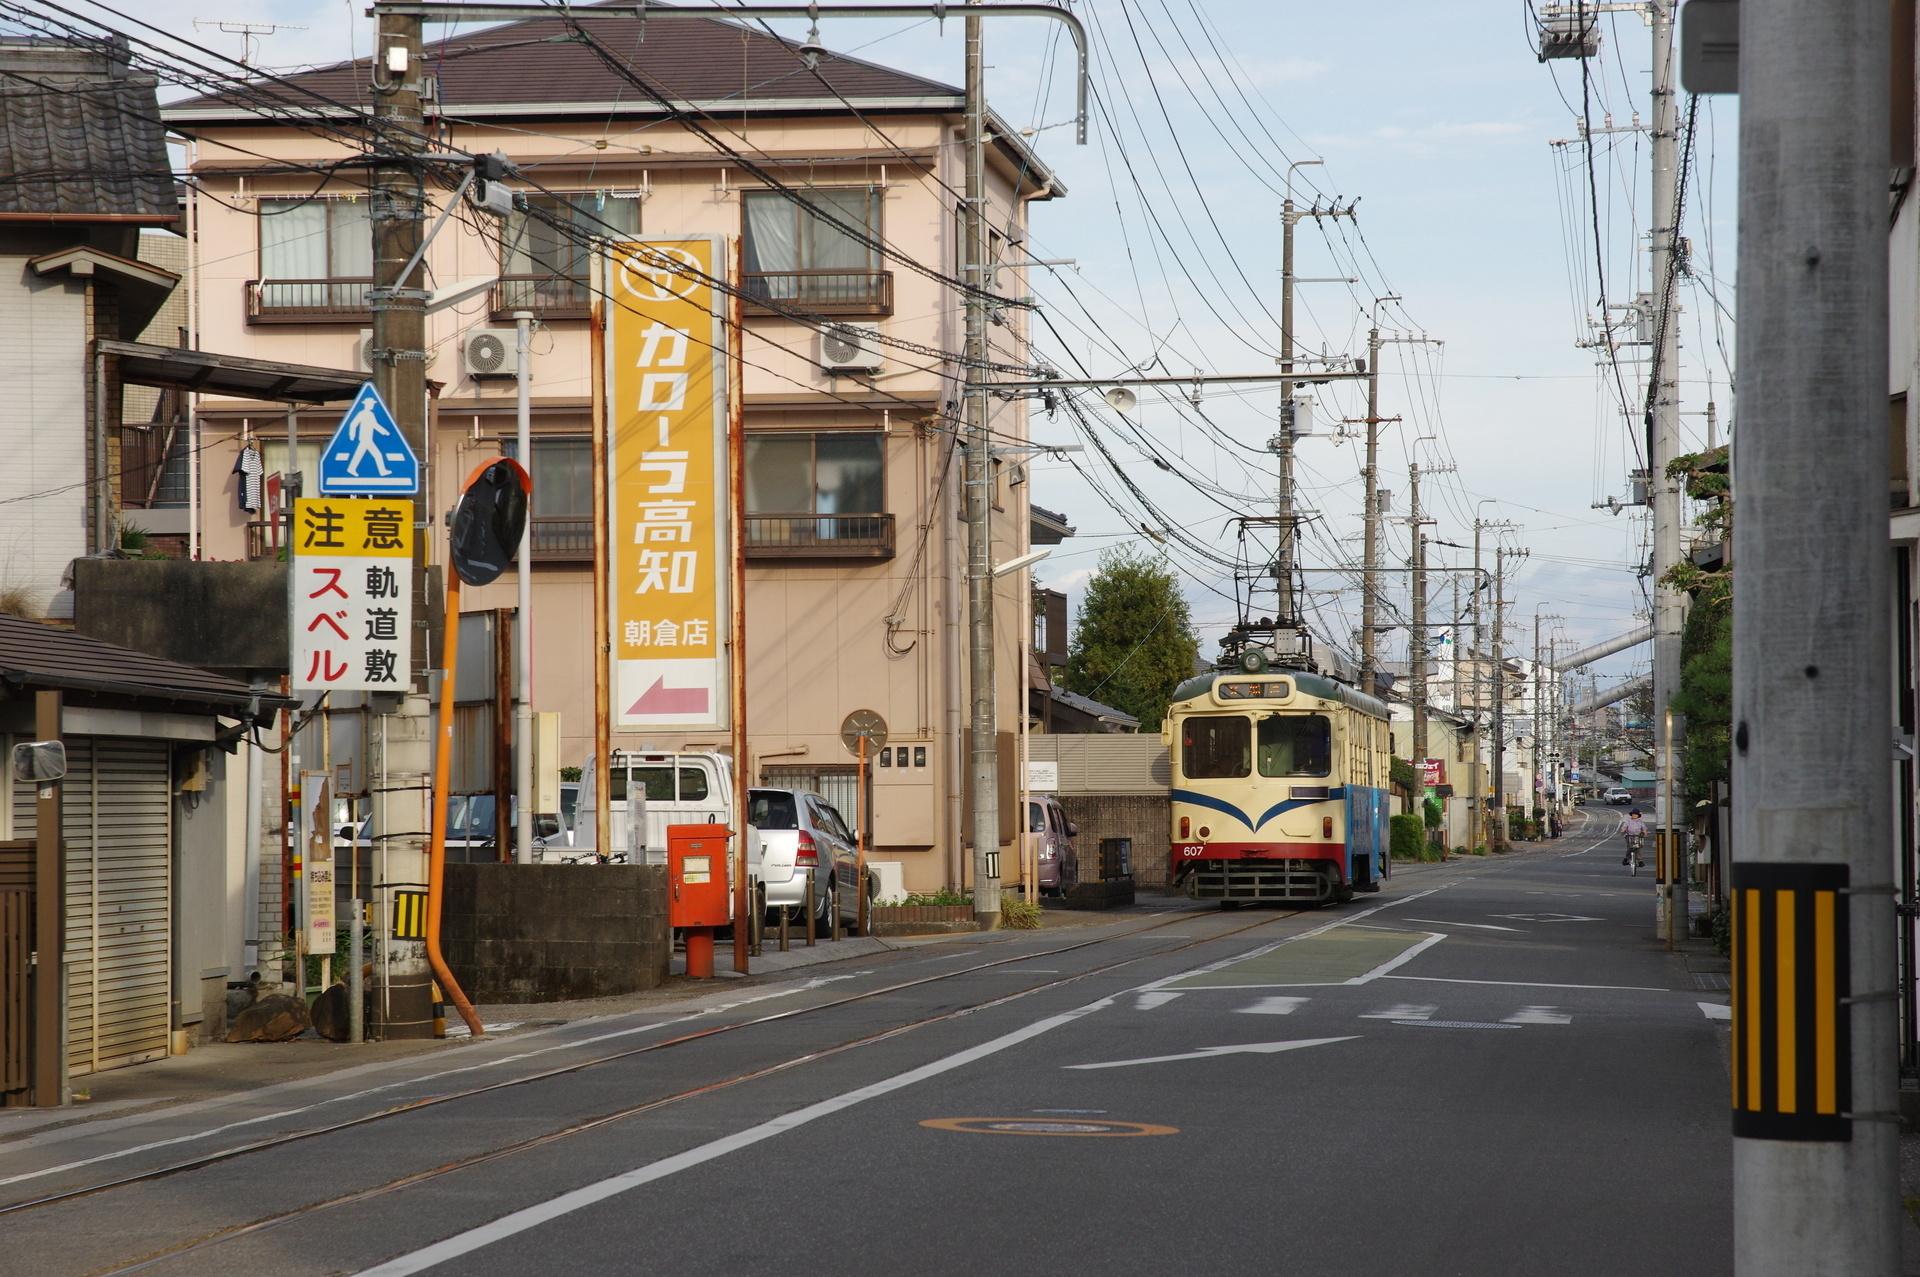 曙町東町駅を発車する列車